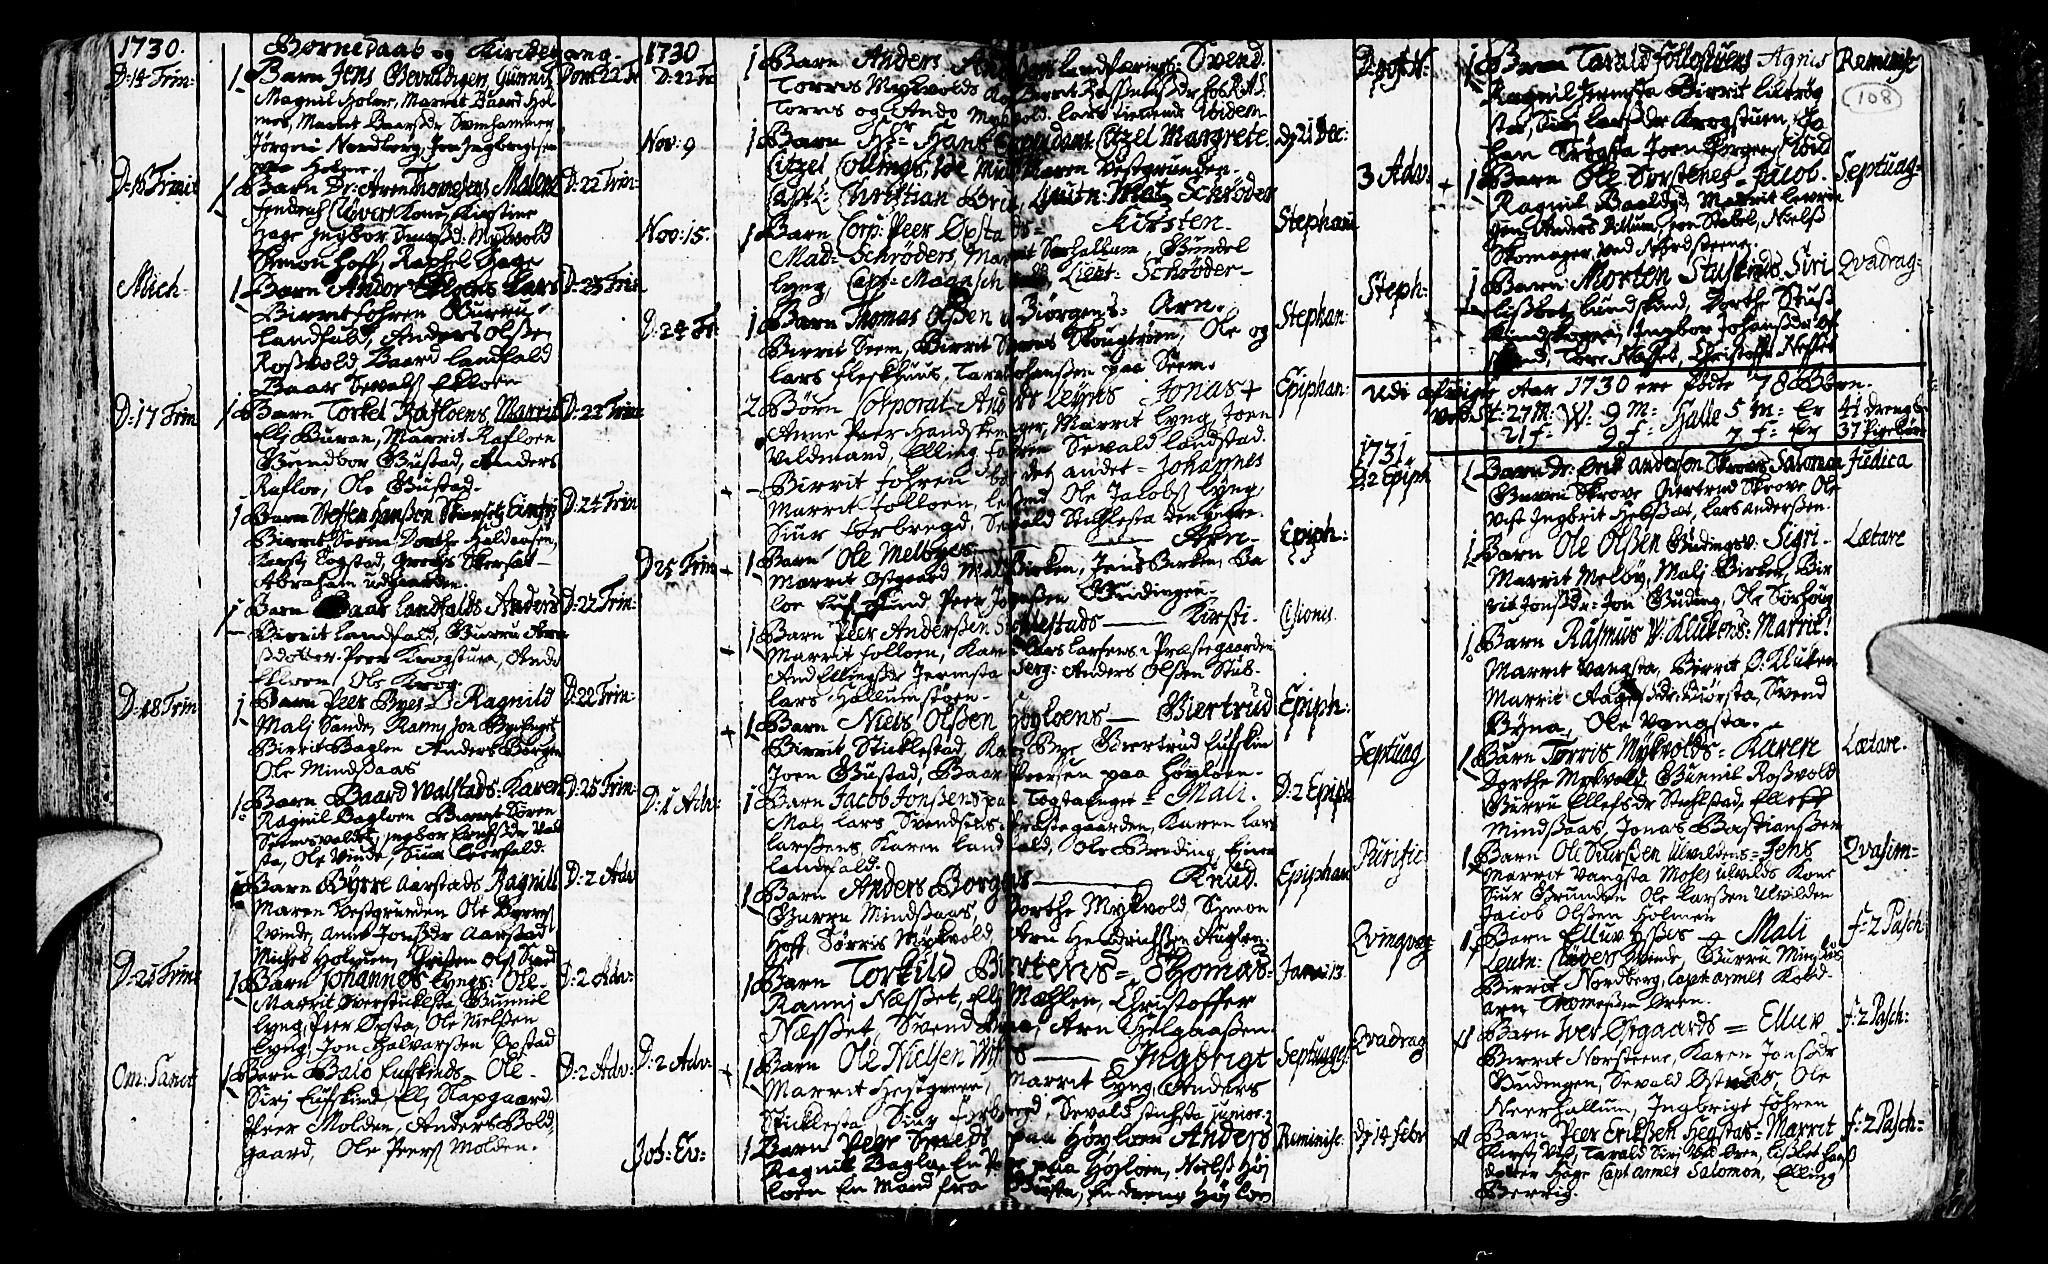 SAT, Ministerialprotokoller, klokkerbøker og fødselsregistre - Nord-Trøndelag, 723/L0230: Ministerialbok nr. 723A01, 1705-1747, s. 108